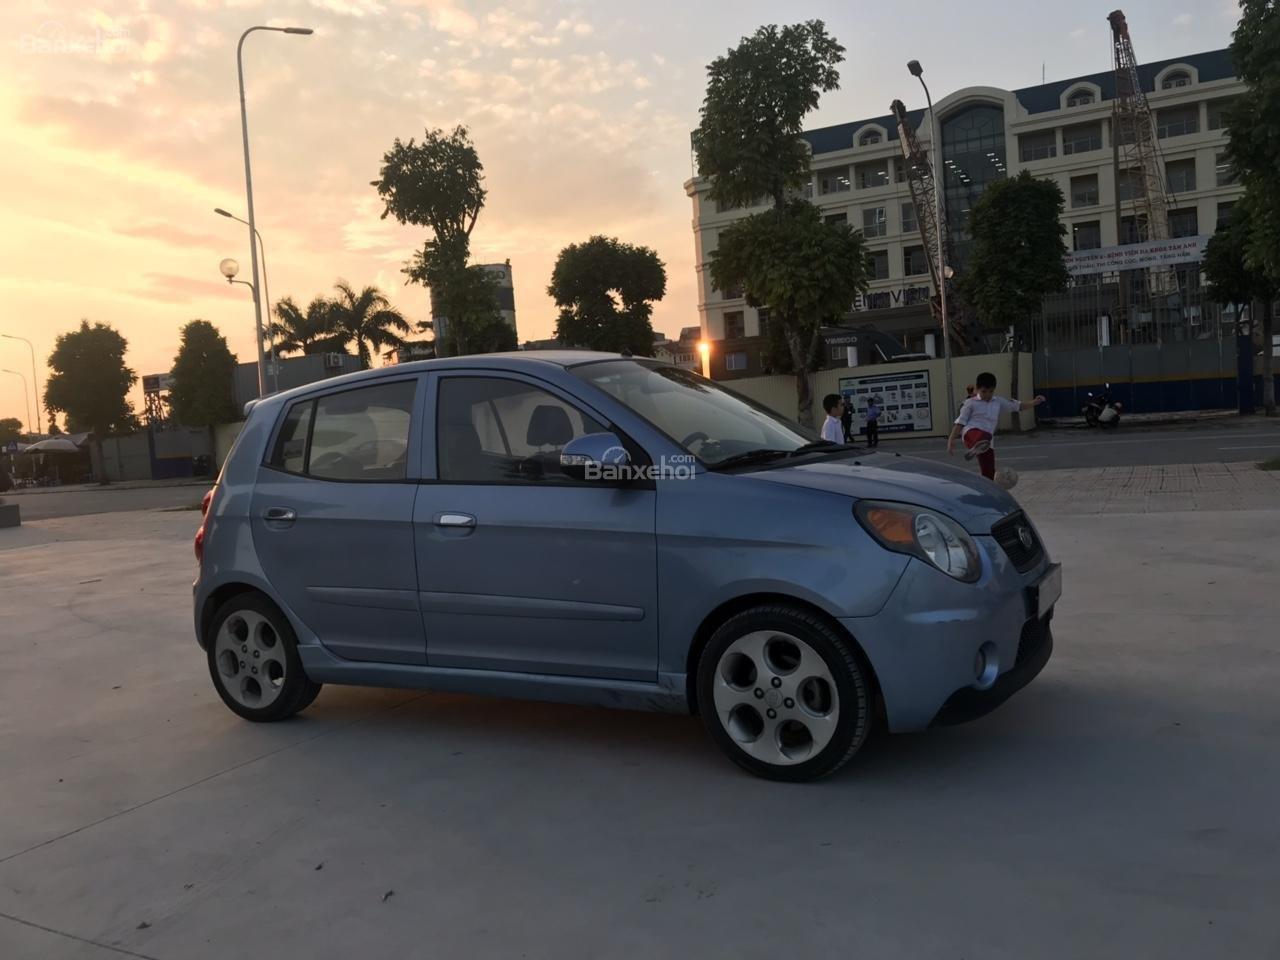 Bán Kia Morning 2008, màu xanh, nhập khẩu, chính chủ giá tốt - Mr Quân 094 711 6996-12